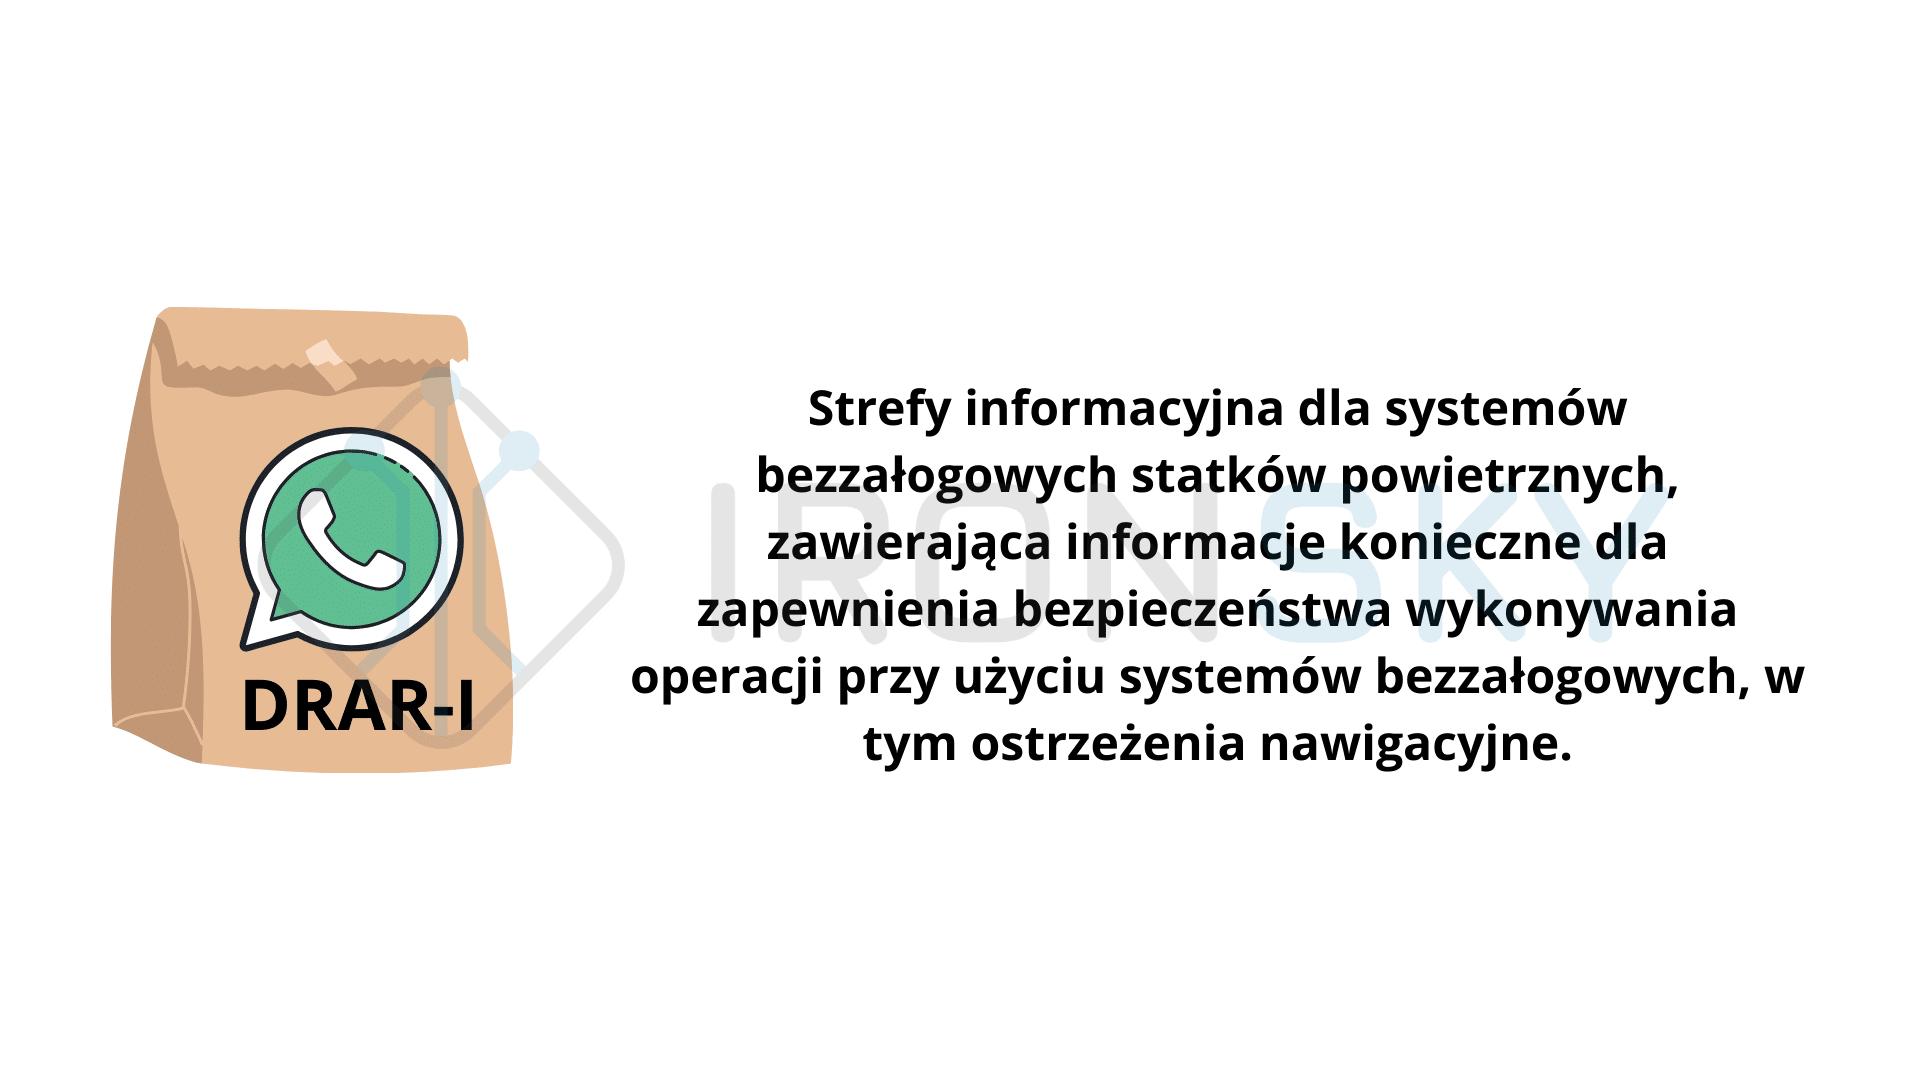 DRAR-I strefa informacyjna dla systemów dronów dla